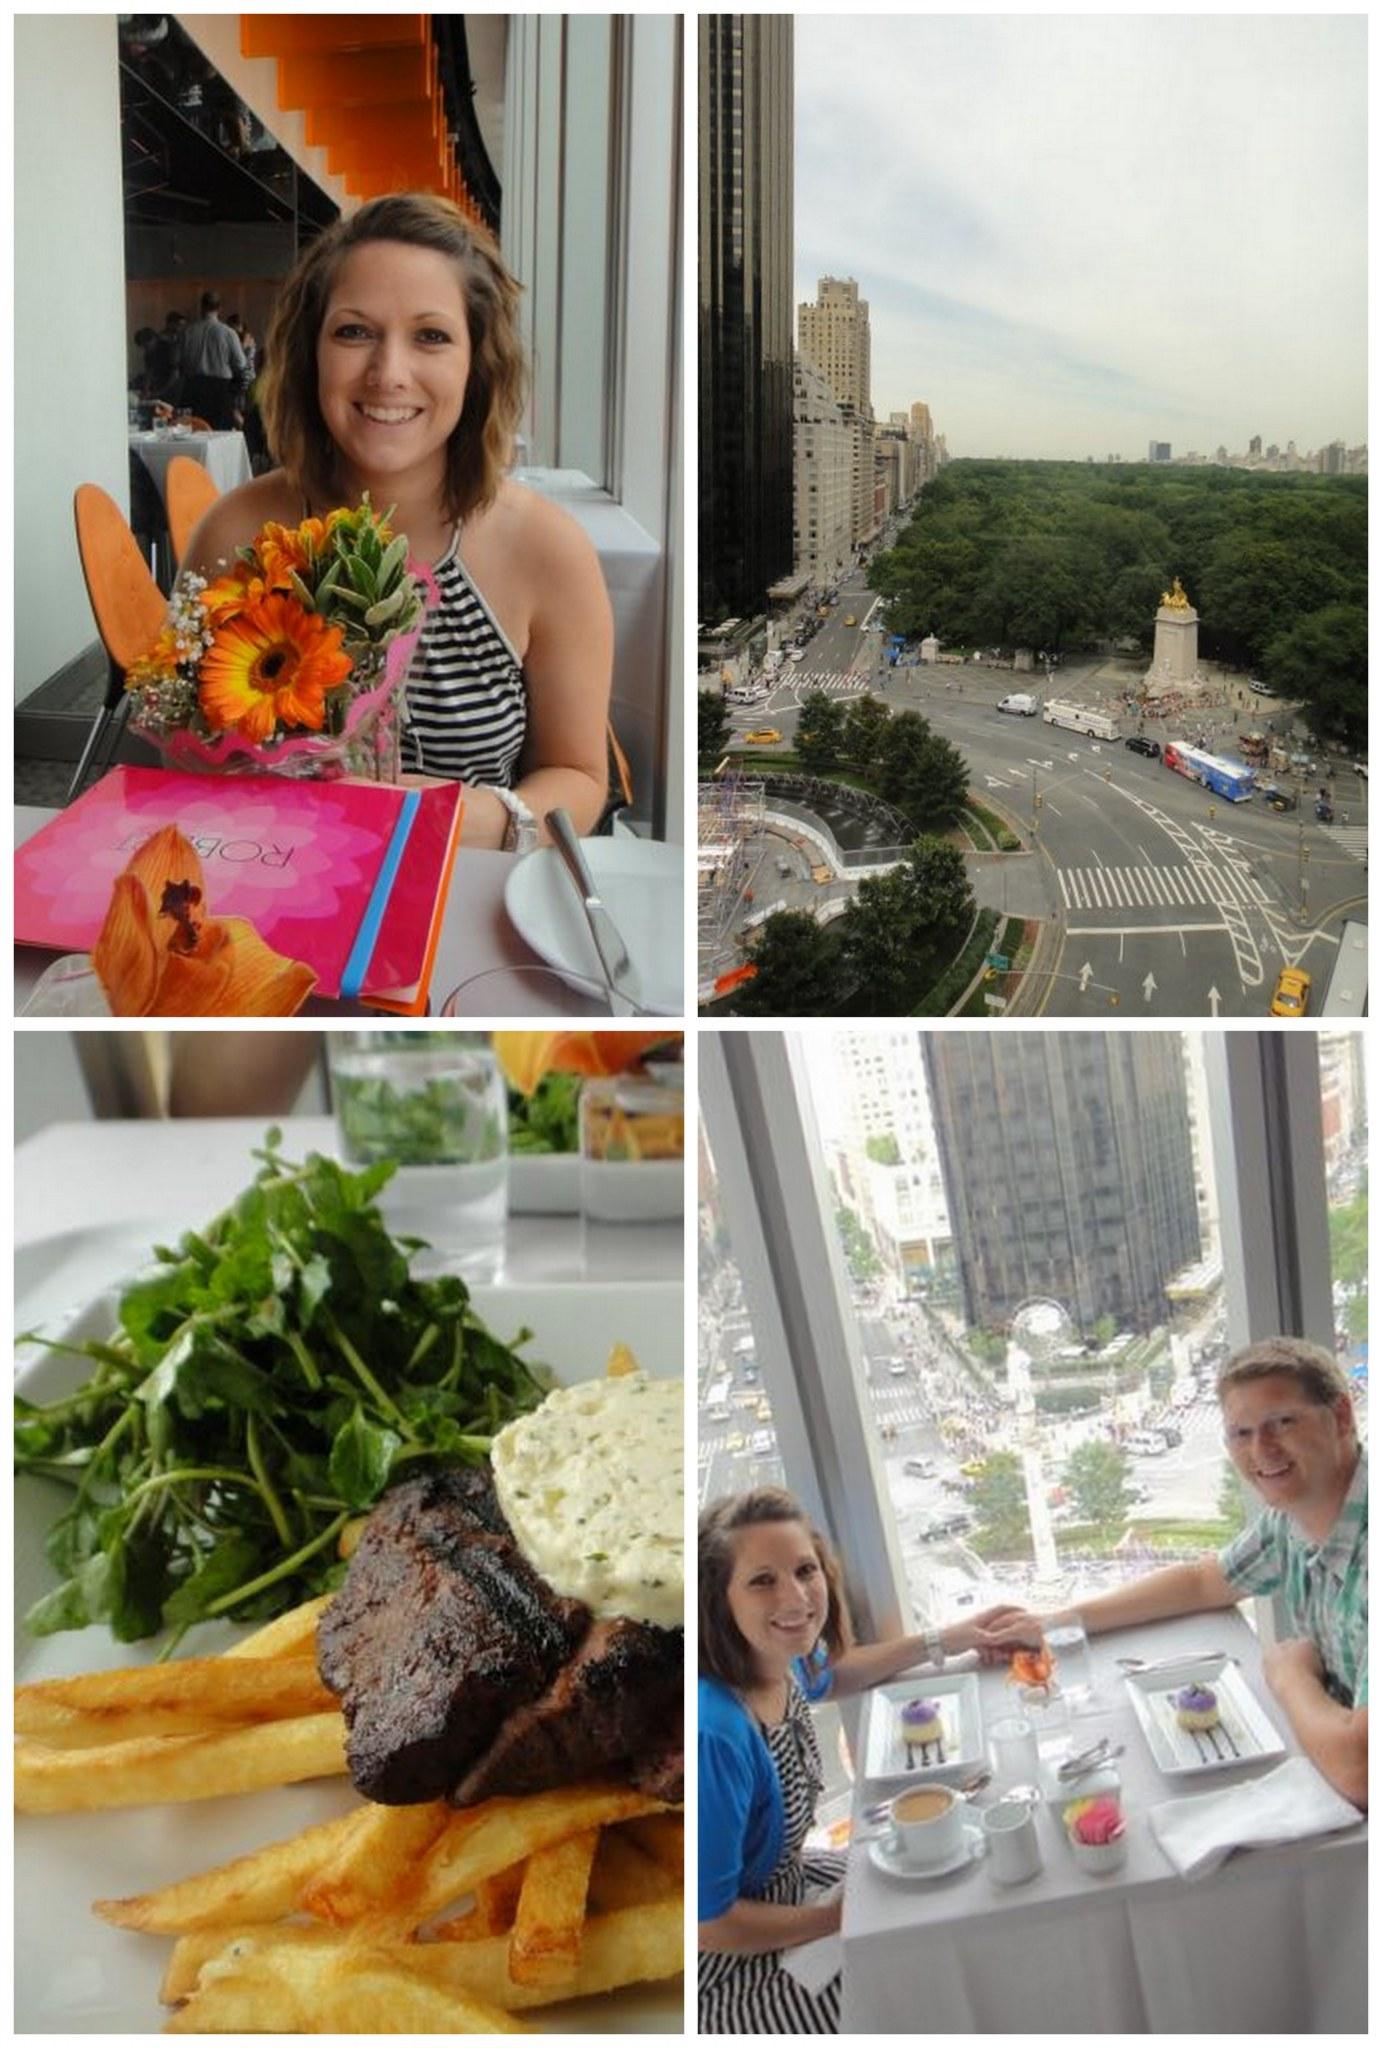 Robert Restaurant Views of Central Park